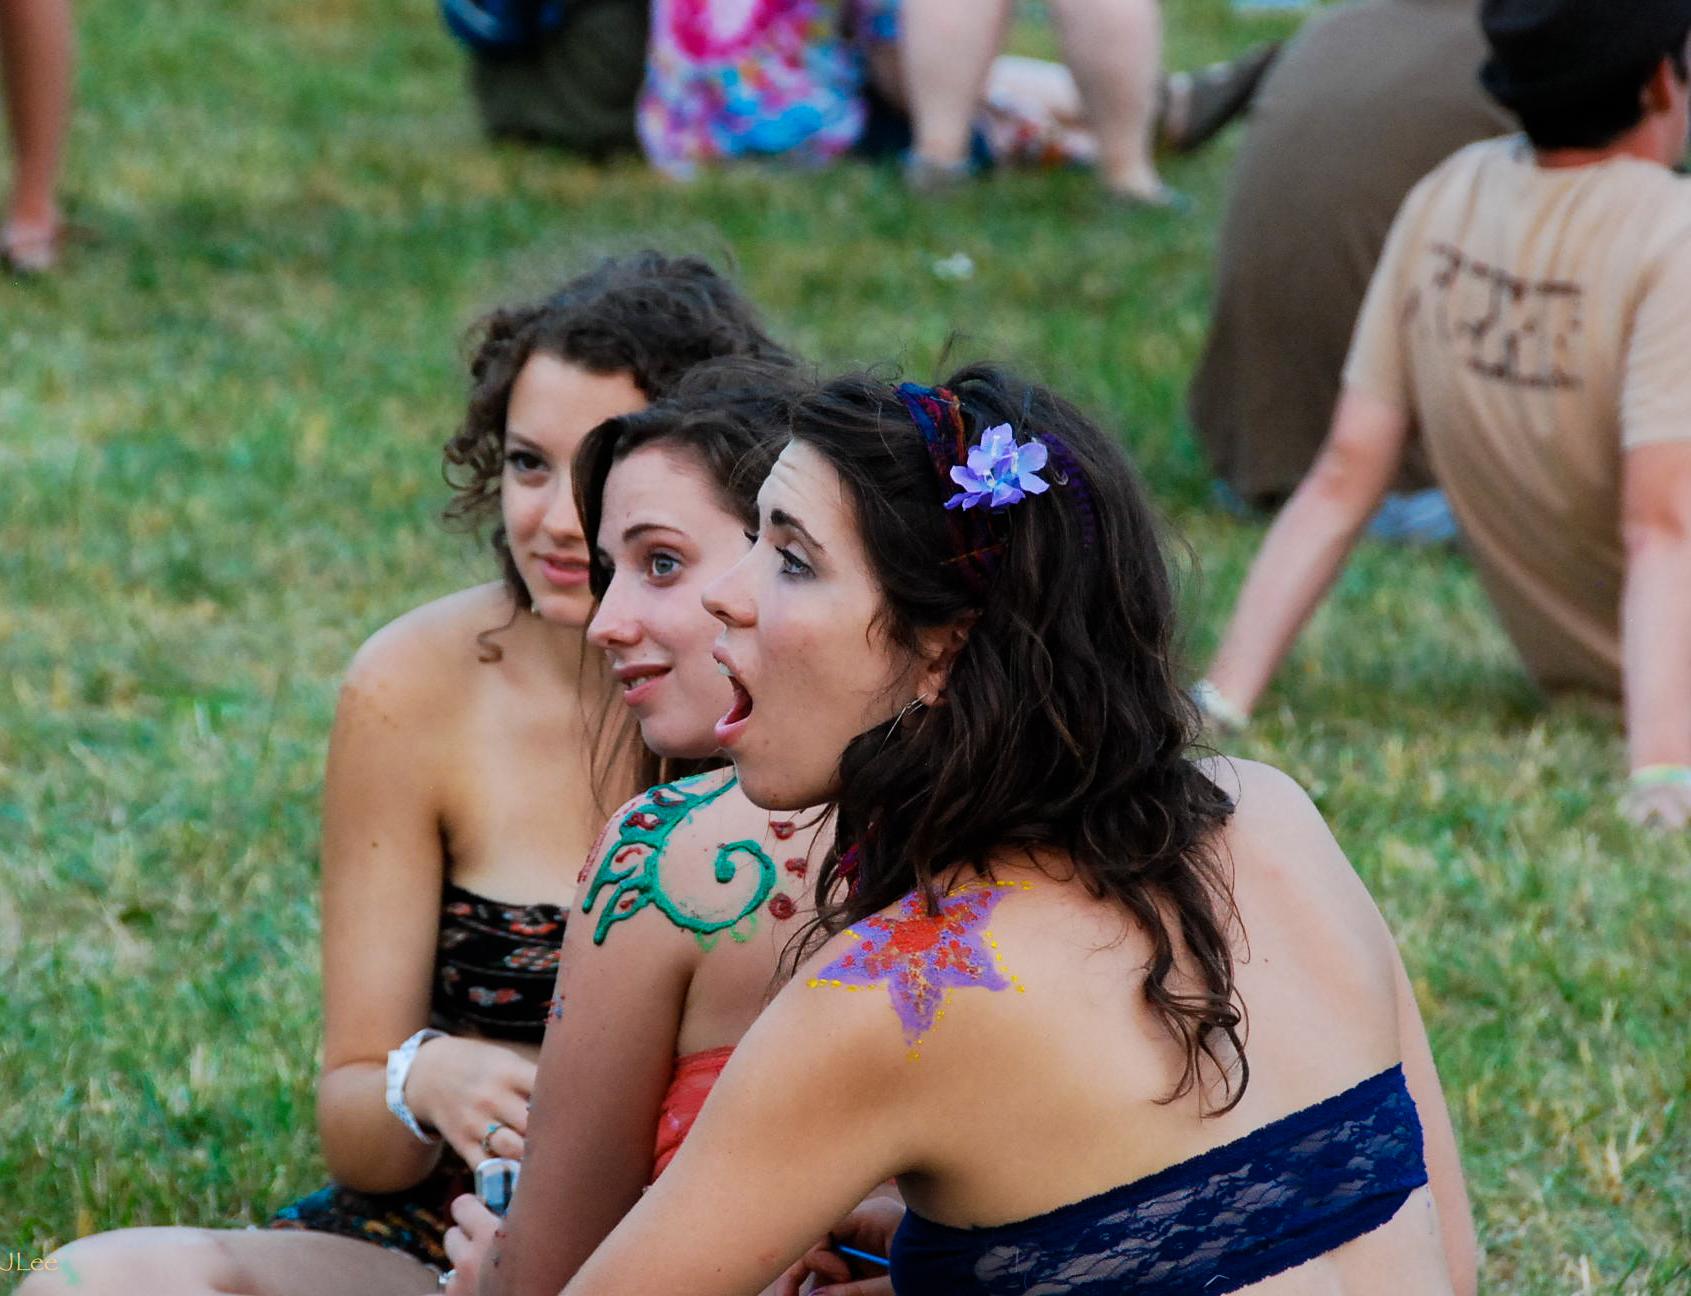 festival girls